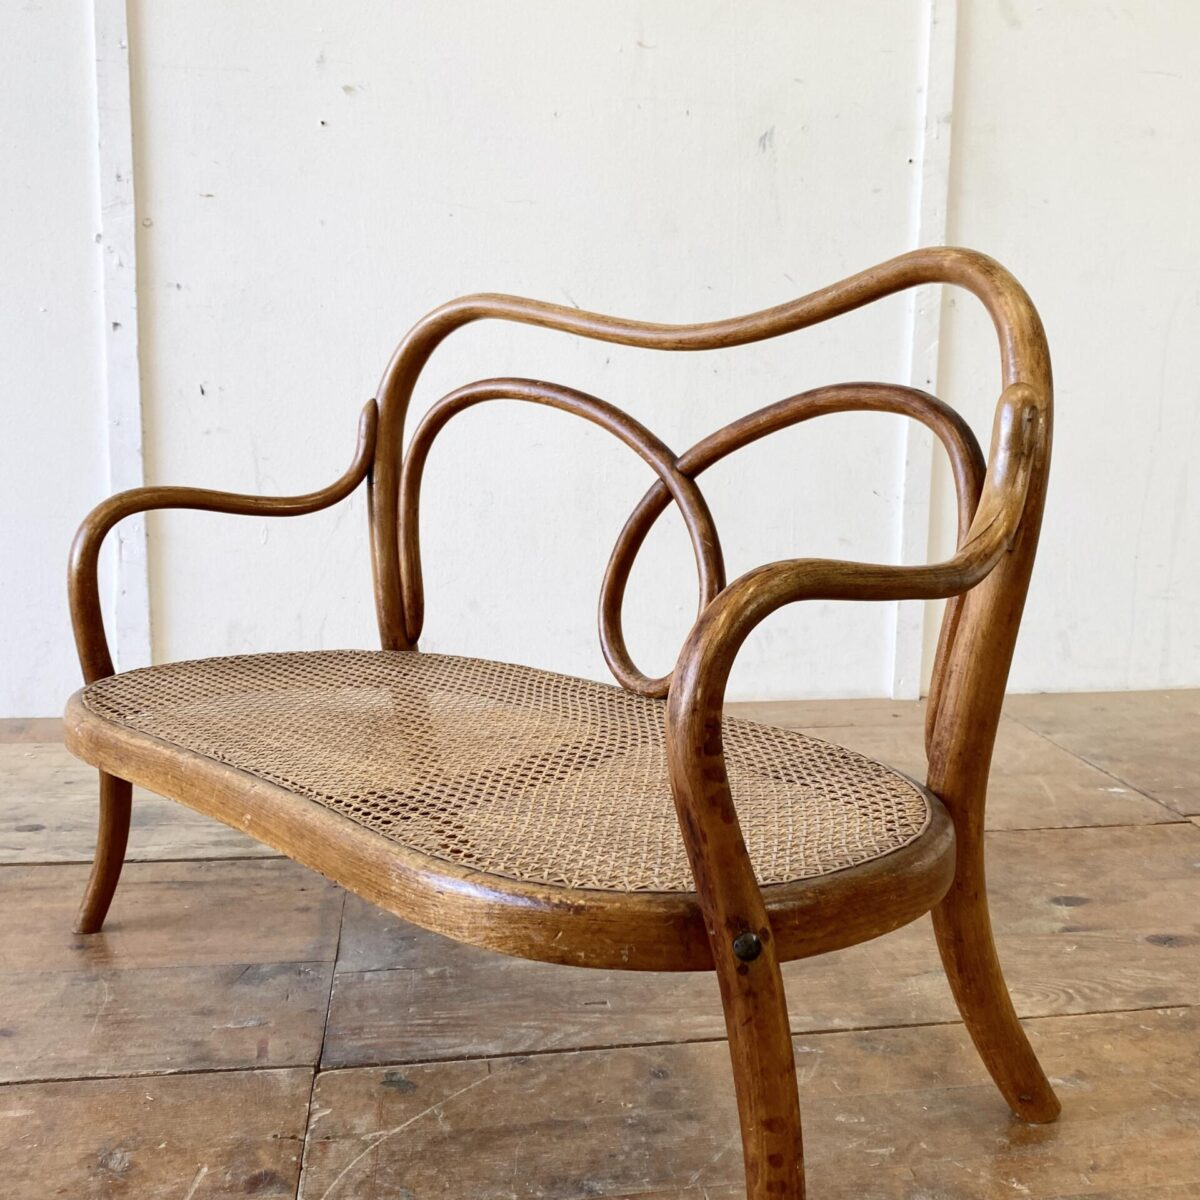 Deuxieme.shop Antike Thonet Bugholz Möbel. Kinder Bugholz Sitzbank und Kinderstühle von Thonet. Bank 83x44cm Höhe 60cm Sitzhöhe 25cm. Der grössere Stuhl hat eine Sitzhöhe von 24cm der kleine 119cm.